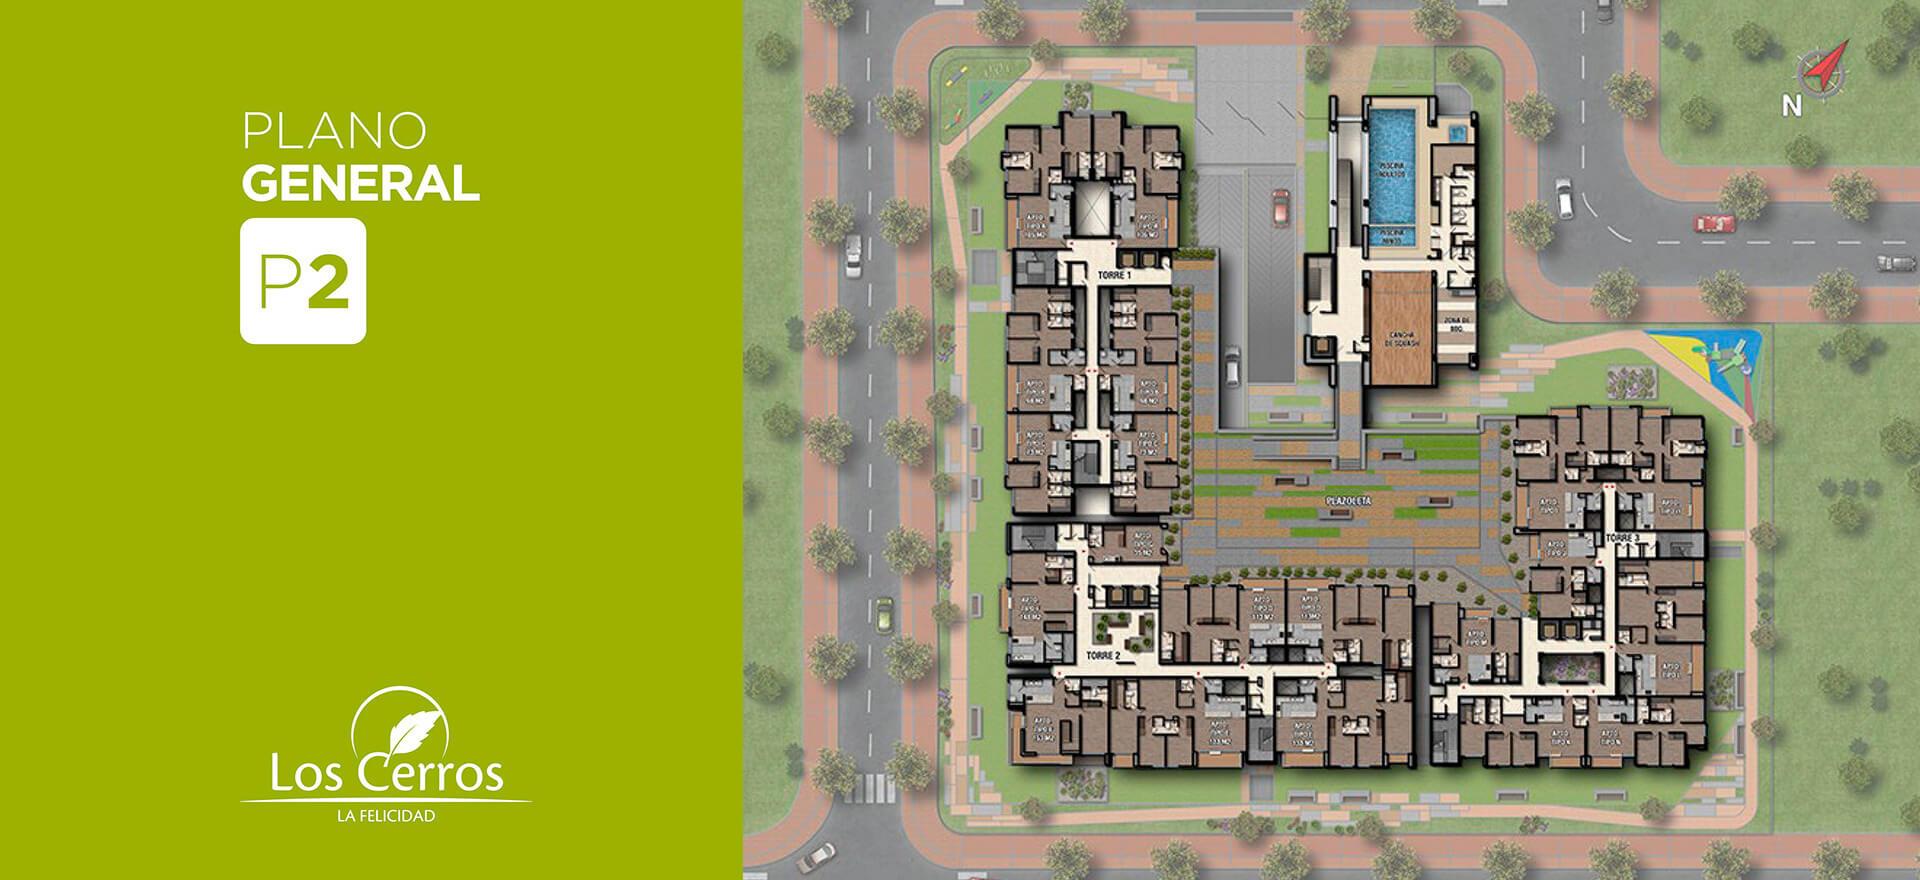 Los Cerros - Constructora colpatria - Plano Apto